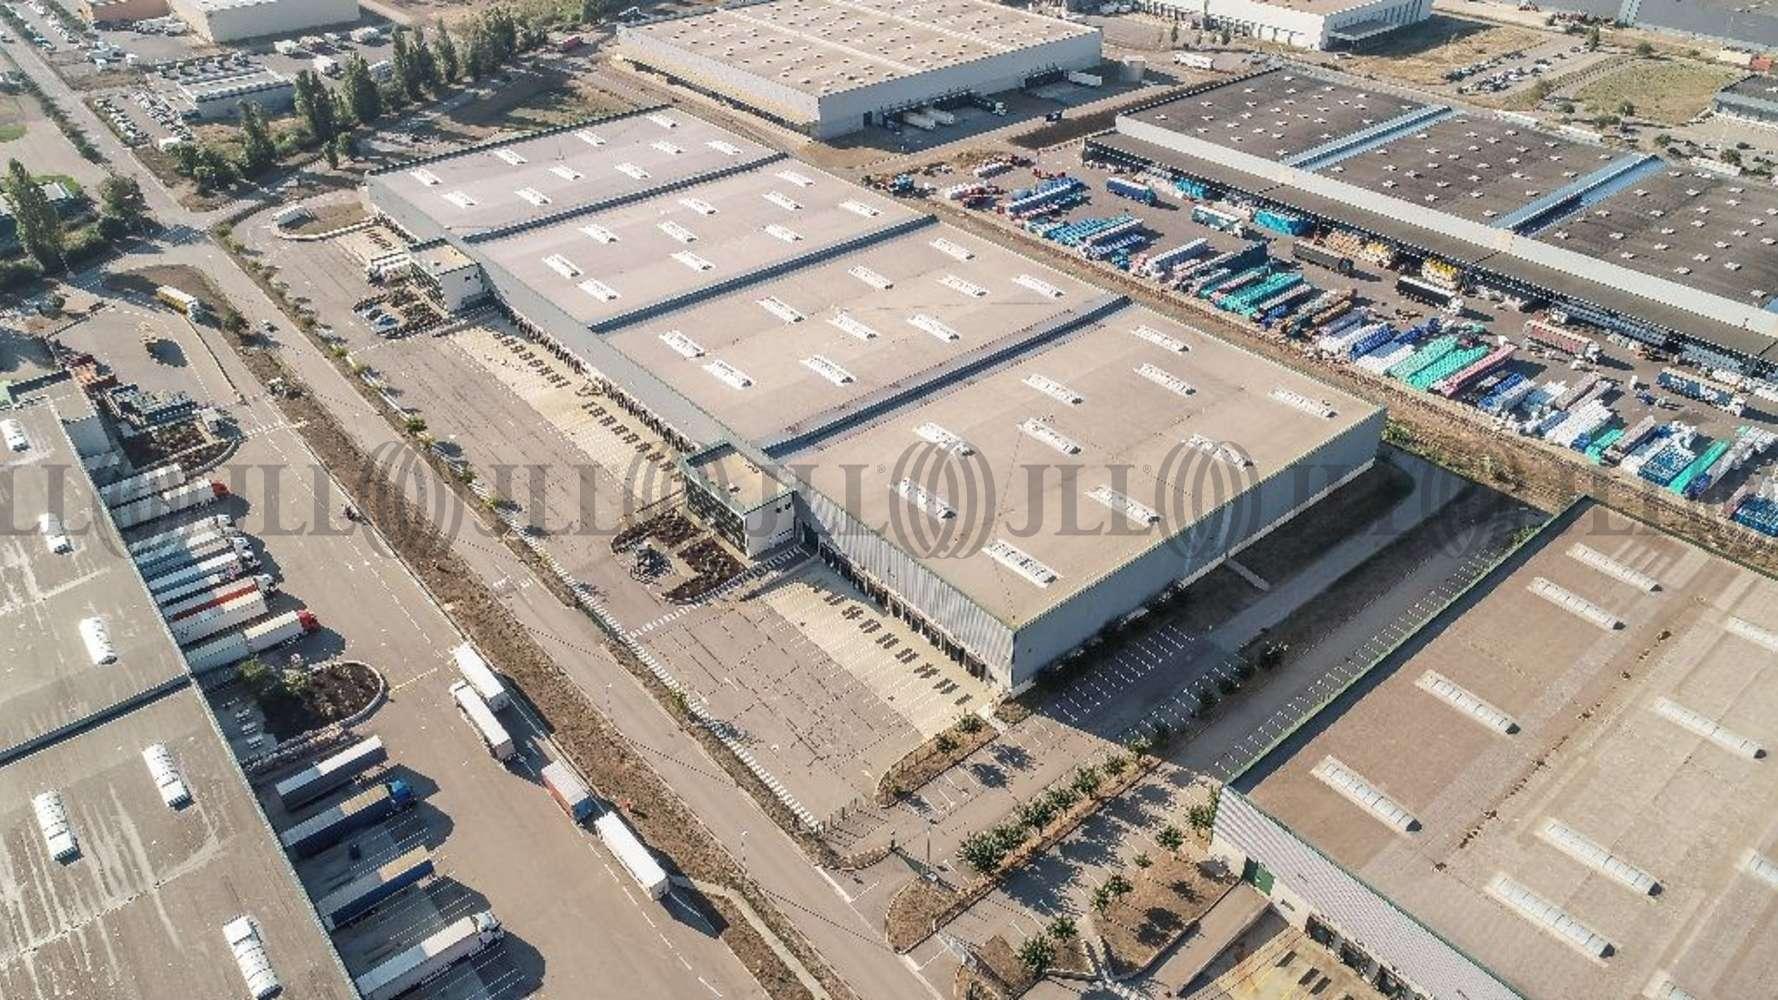 Plateformes logistiques Miramas, 13140 - Location entrepot Marseille - Logistique - 10916548